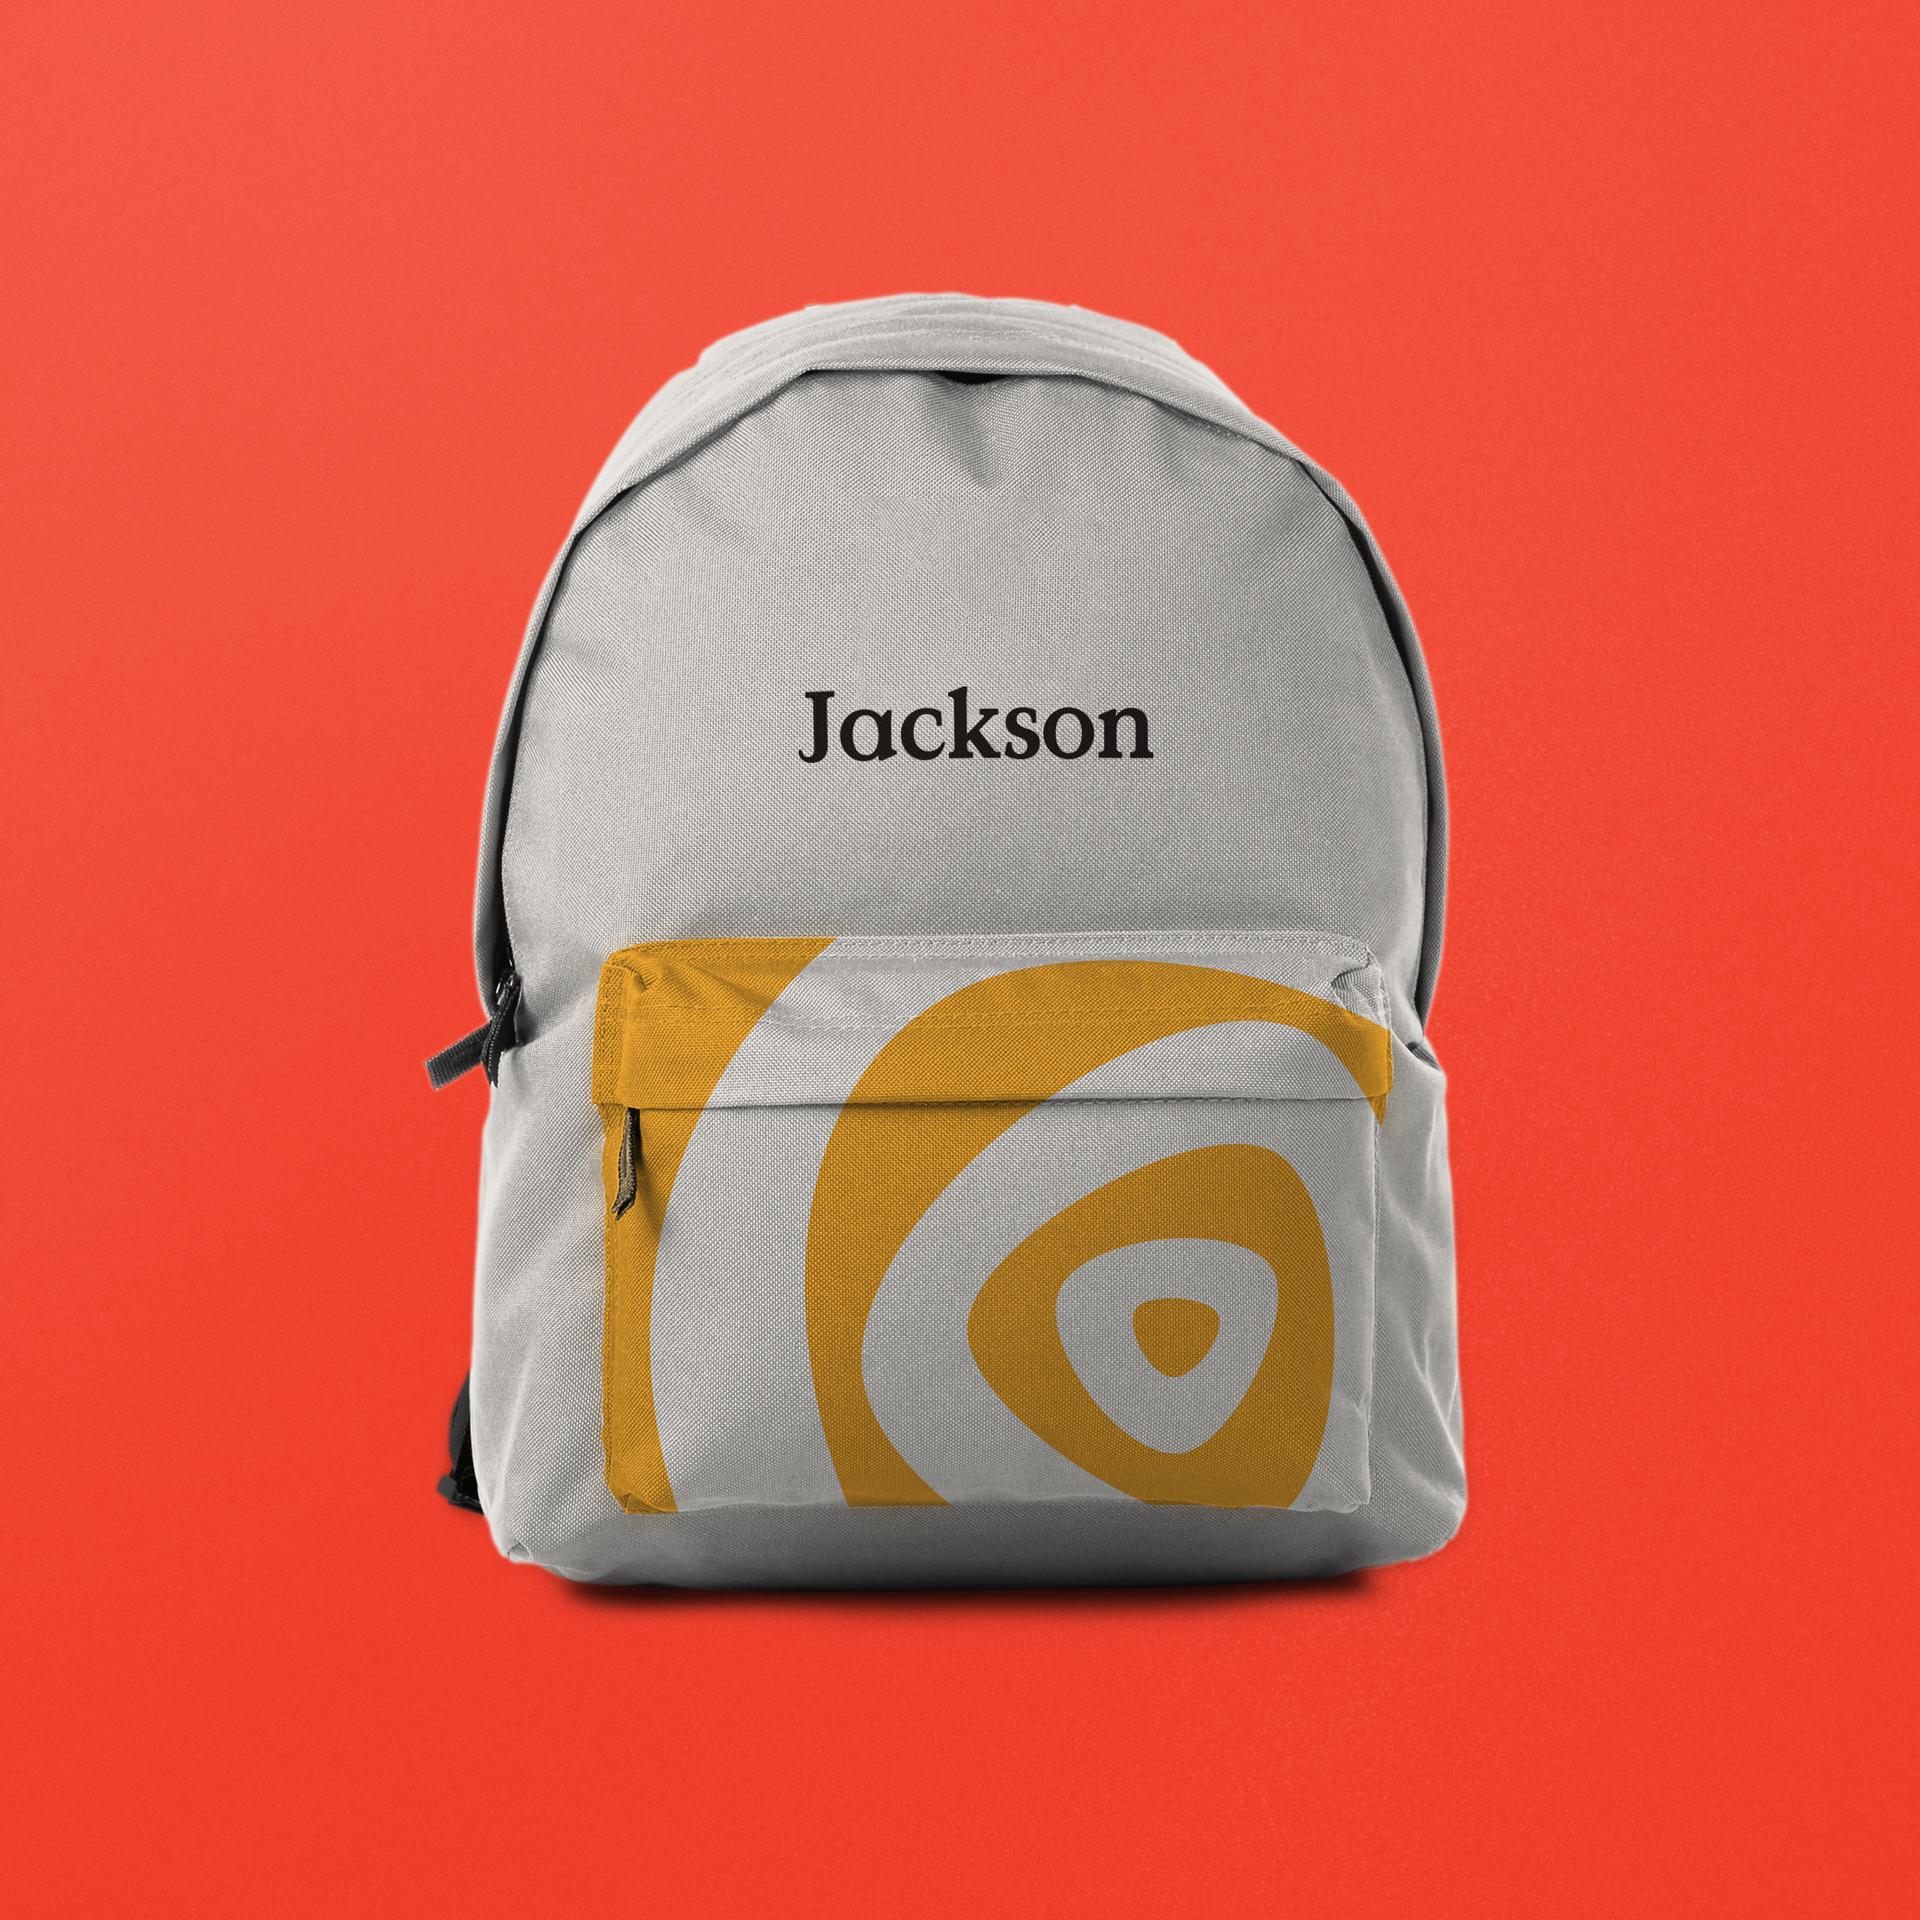 Backpack_Mockup3.png